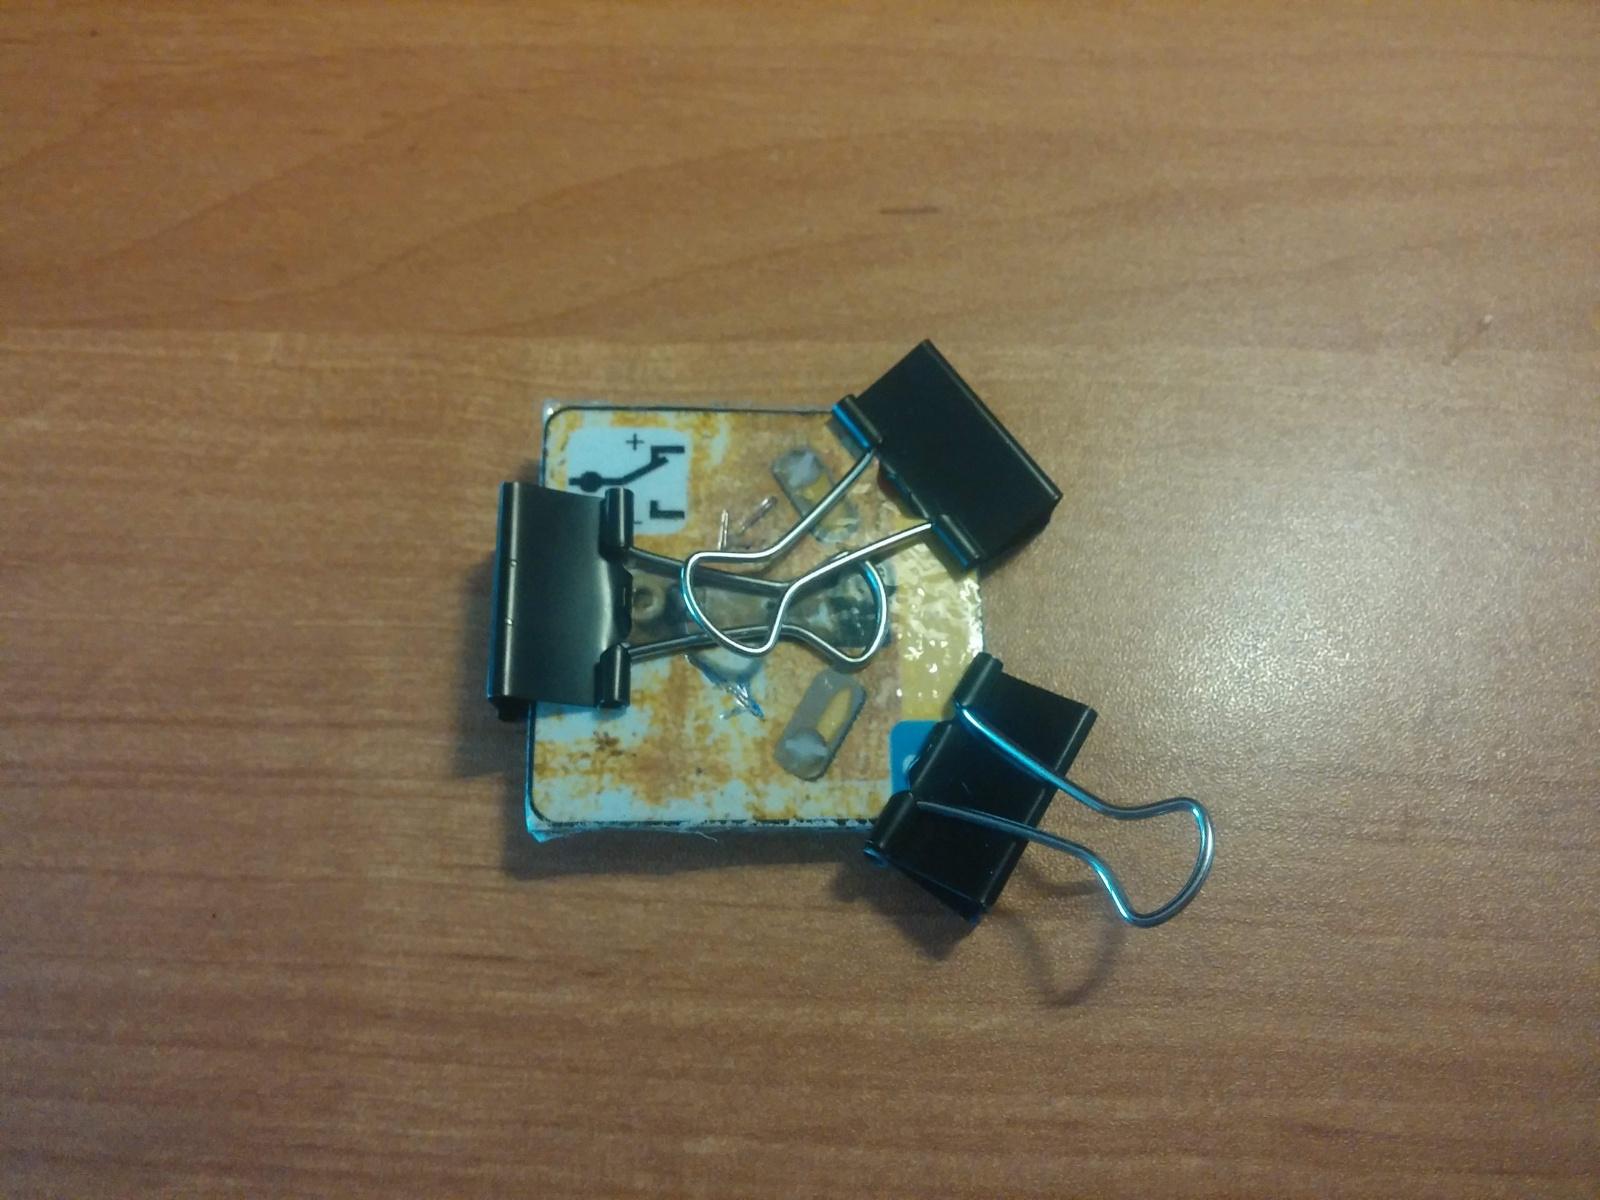 Превращаем картонную электрическую схему в настоящую или как сделать простой конструктор из настольной игры - 9